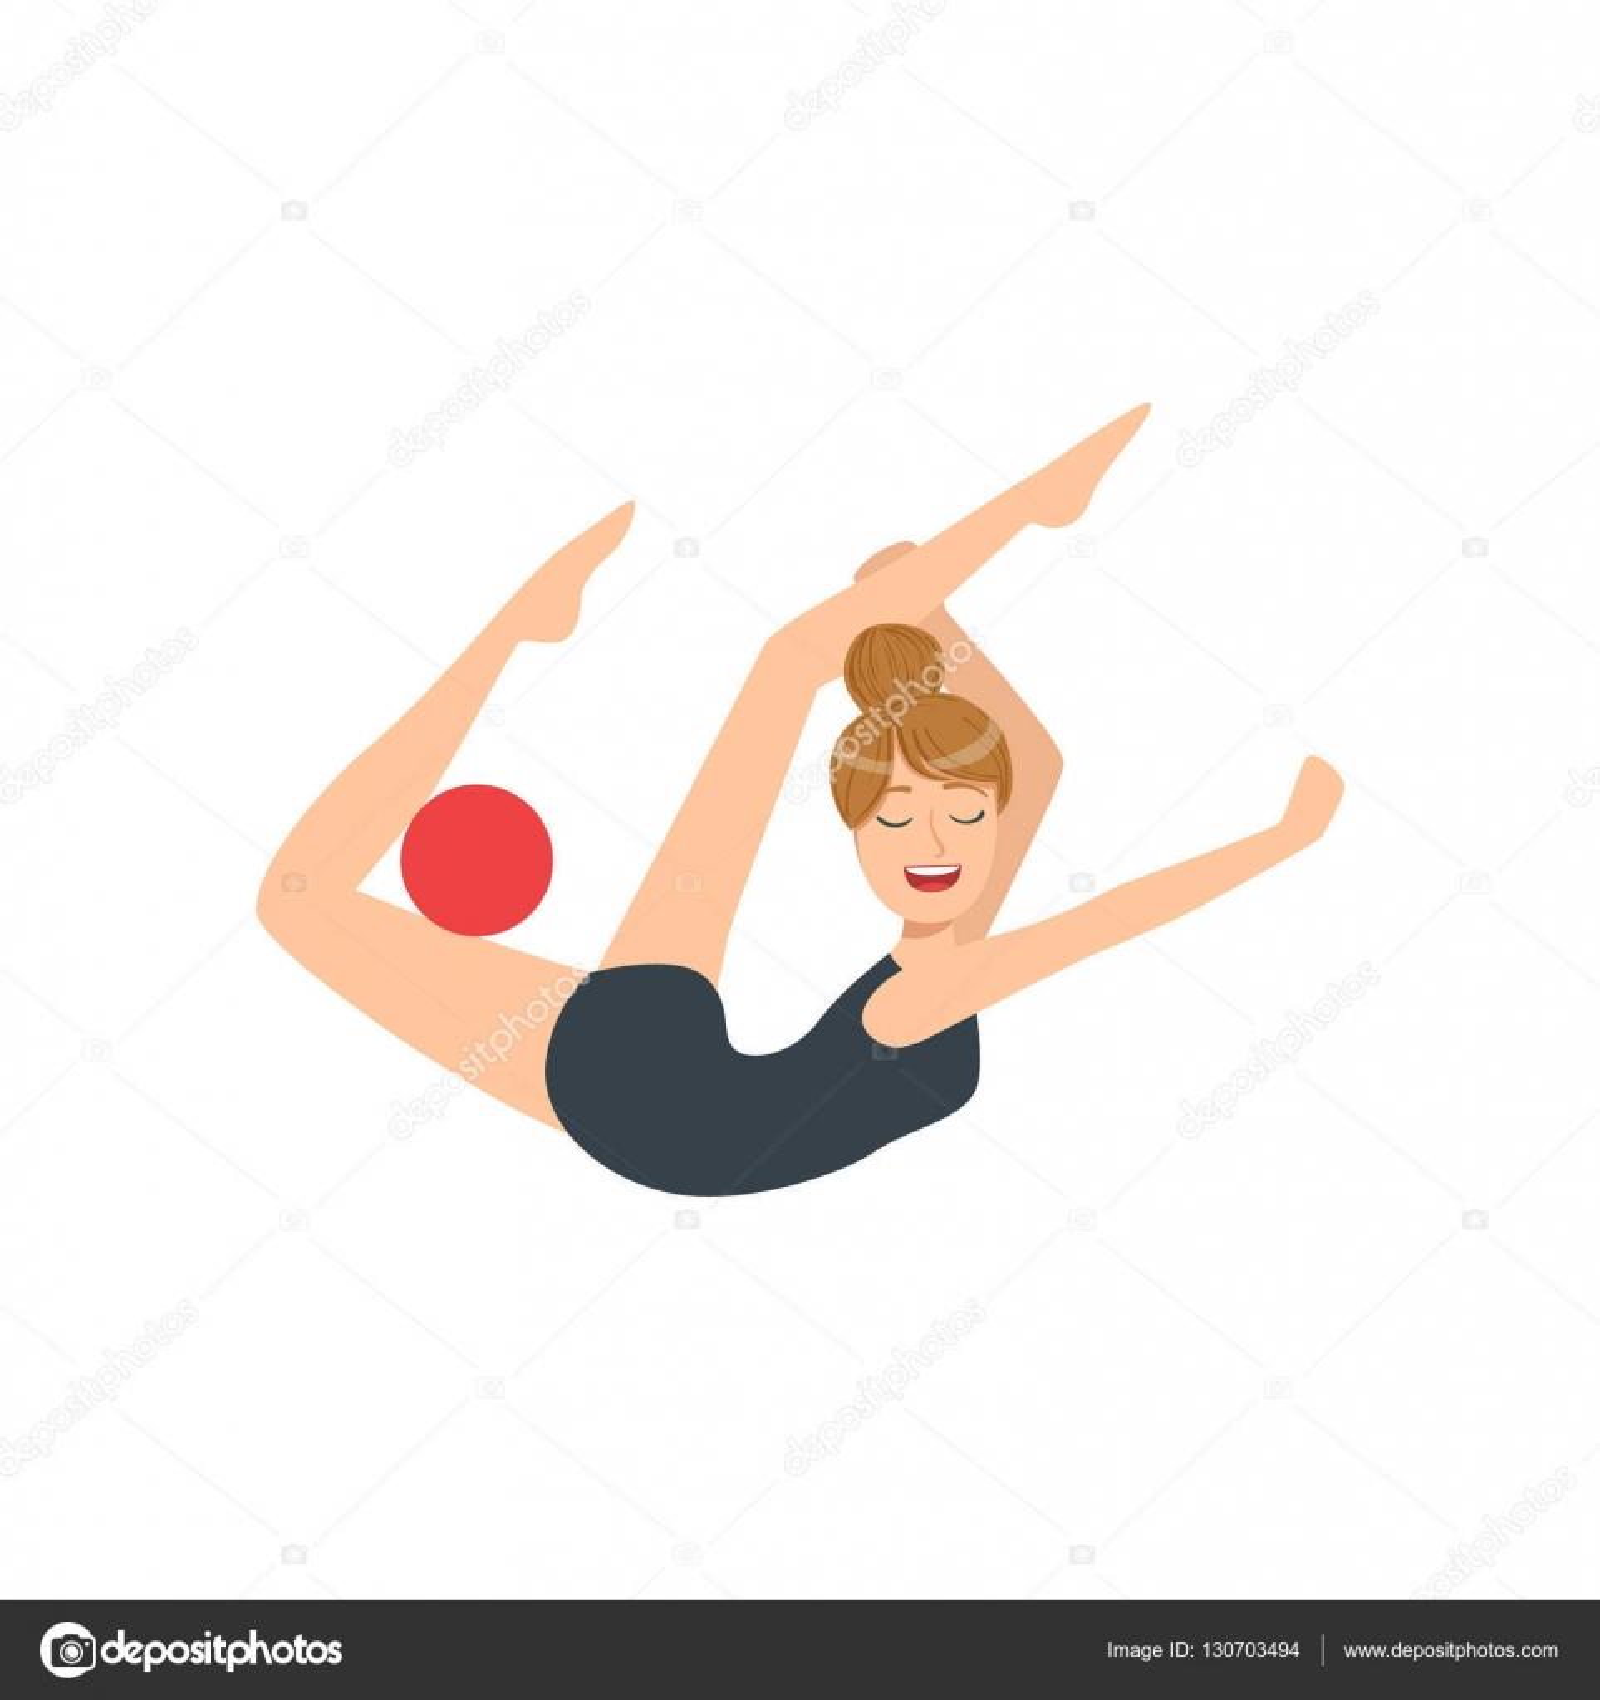 1ef89b32d Desportista profissional ginástica rítmica em collant preto realizando um  elemento com aparelhos de bola. Competição feminina programa ginasta  desempenho ...